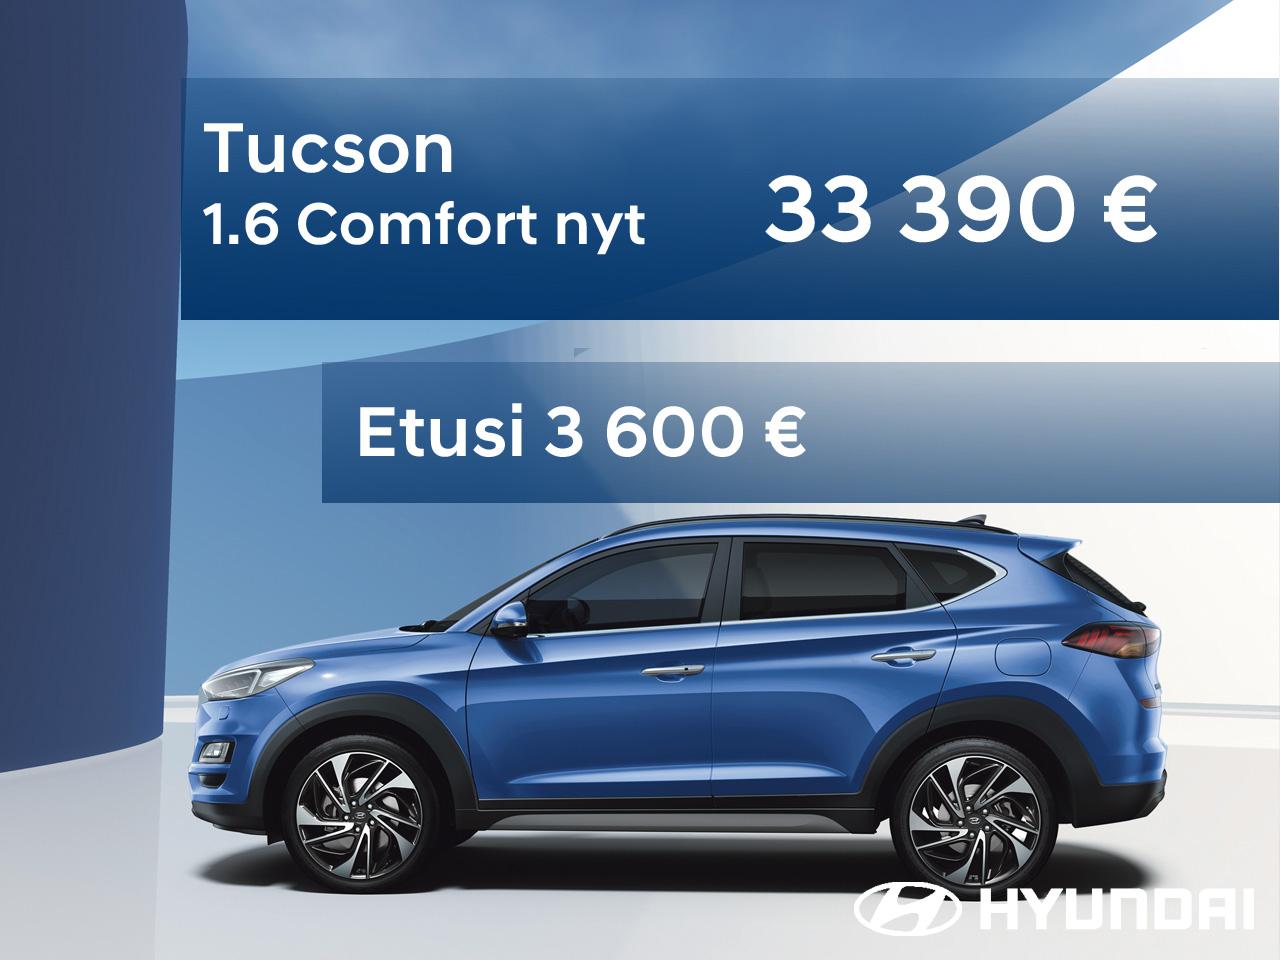 Hyundai Tucson automaatti etuhintaan vain nopeille!